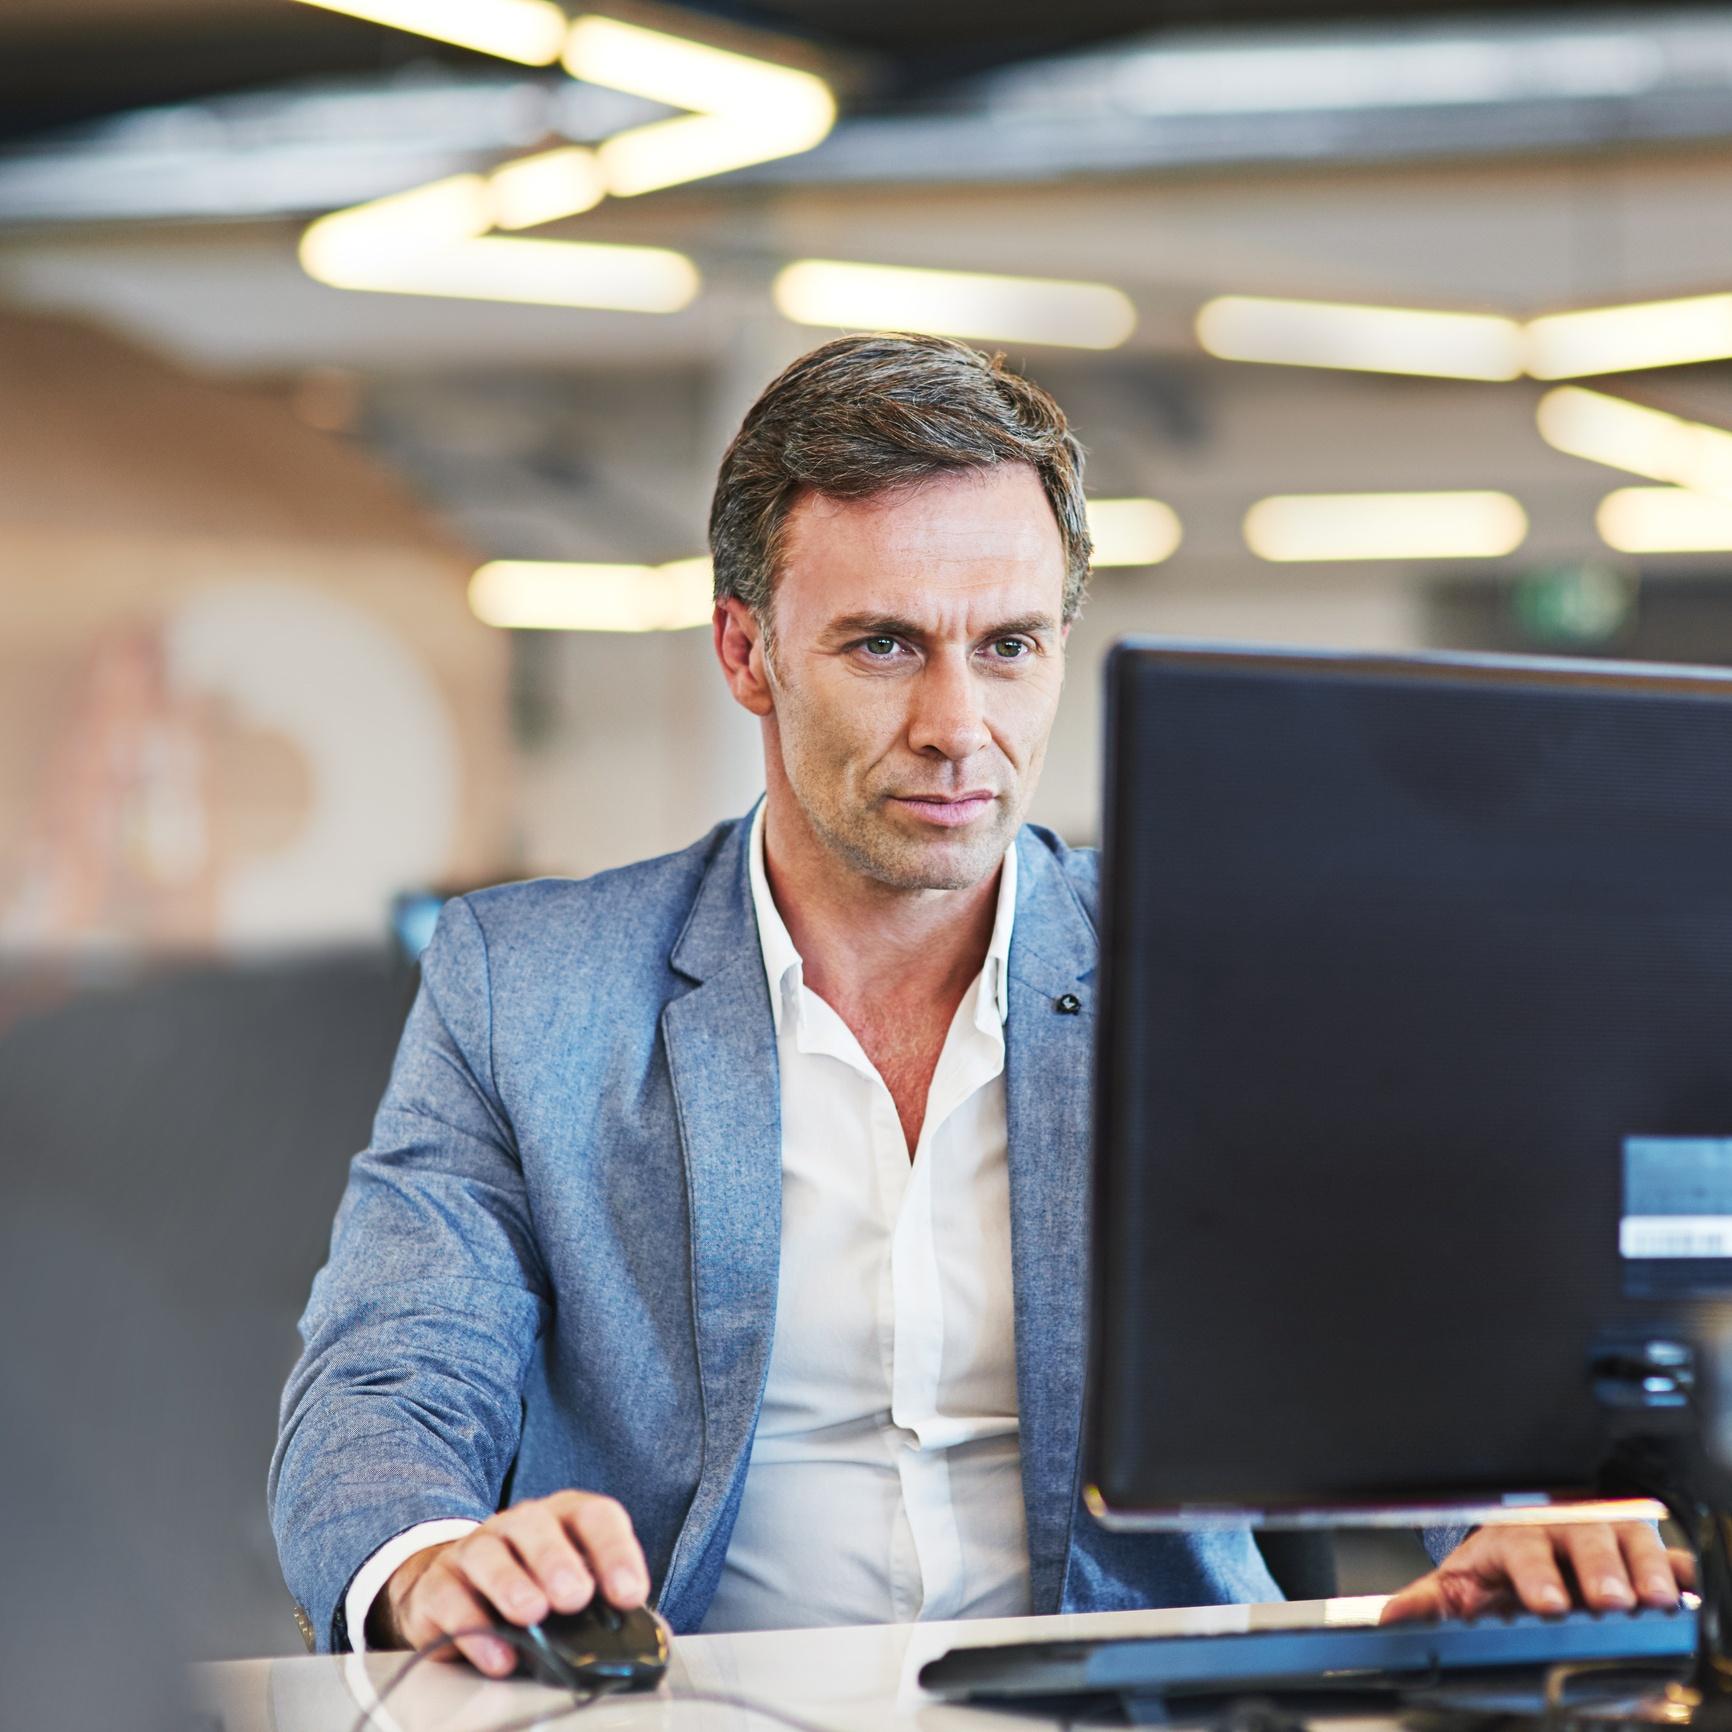 productivity guy on comp-1.jpg